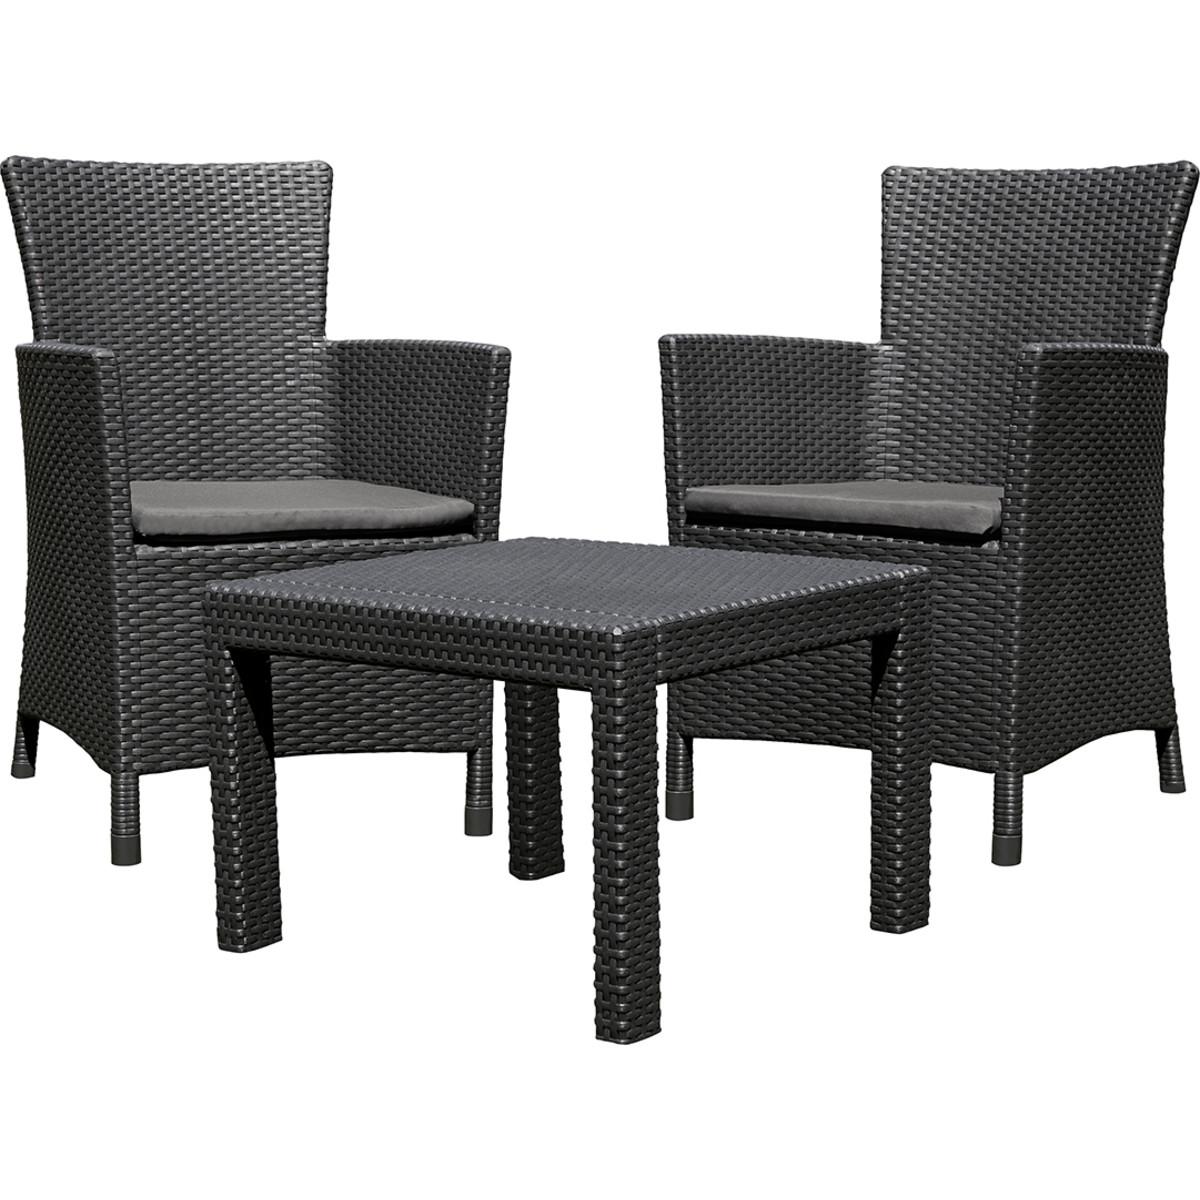 Набор садовой мебели Keter Rosario полиротанг графит стол и 2 кресла